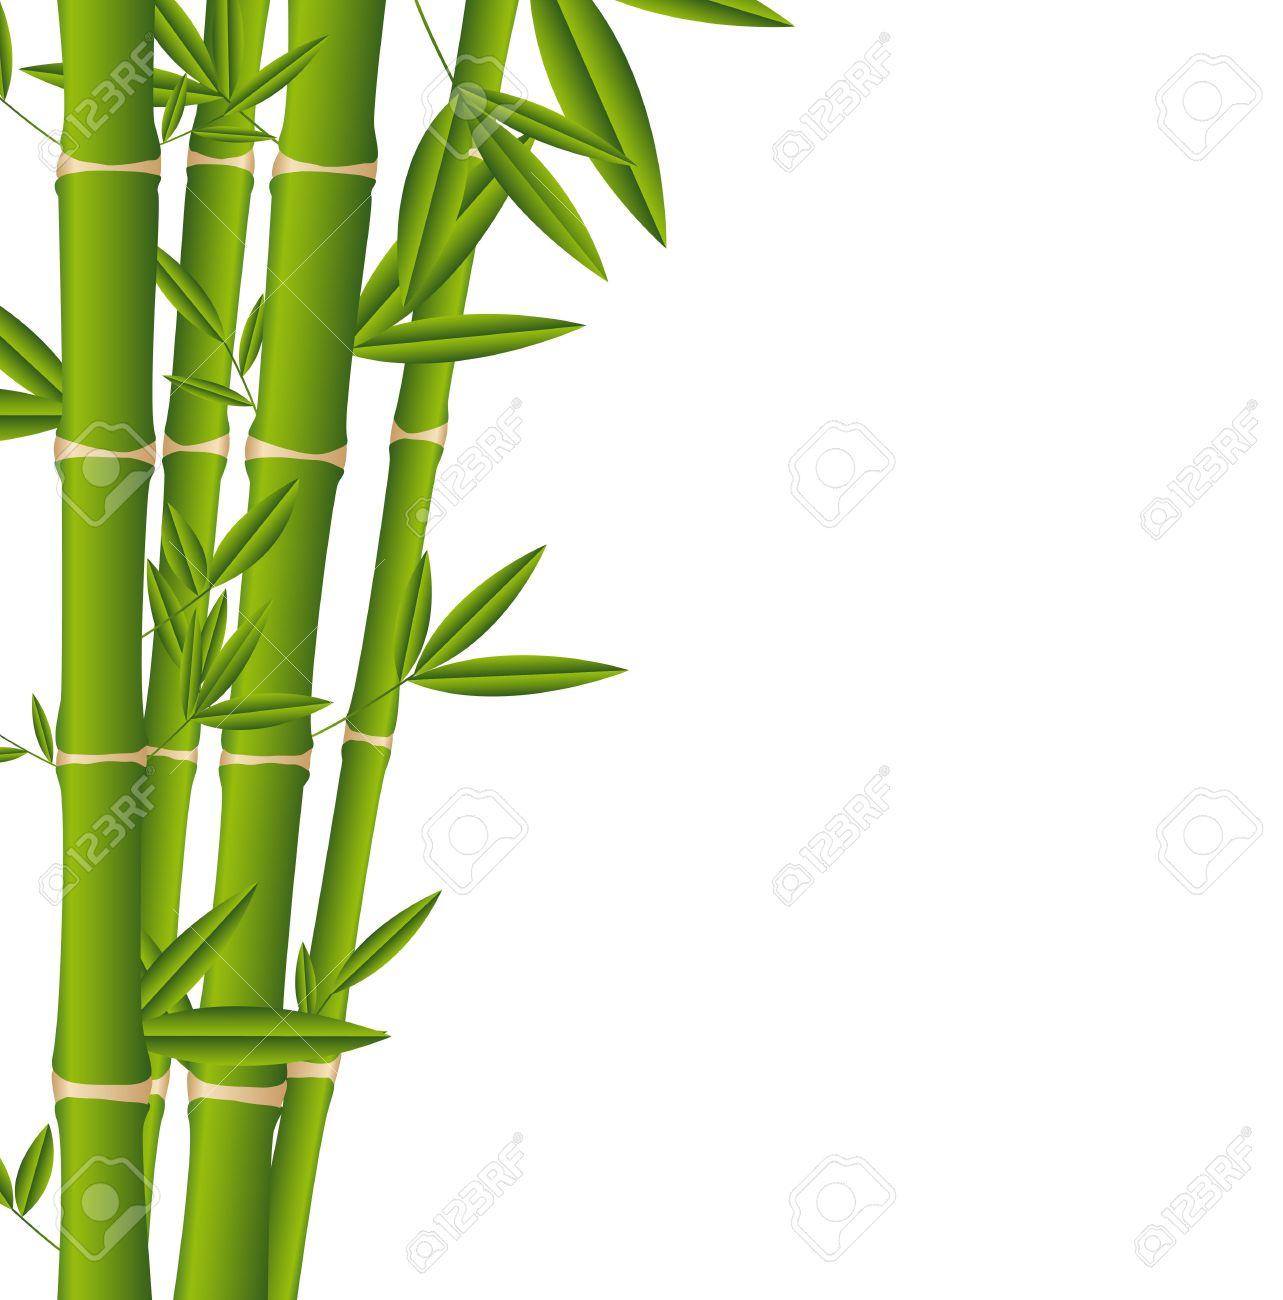 Palos De Bambu Sobre Fondo Blanco Ilustraciones Vectoriales Clip - Palos-de-bambu